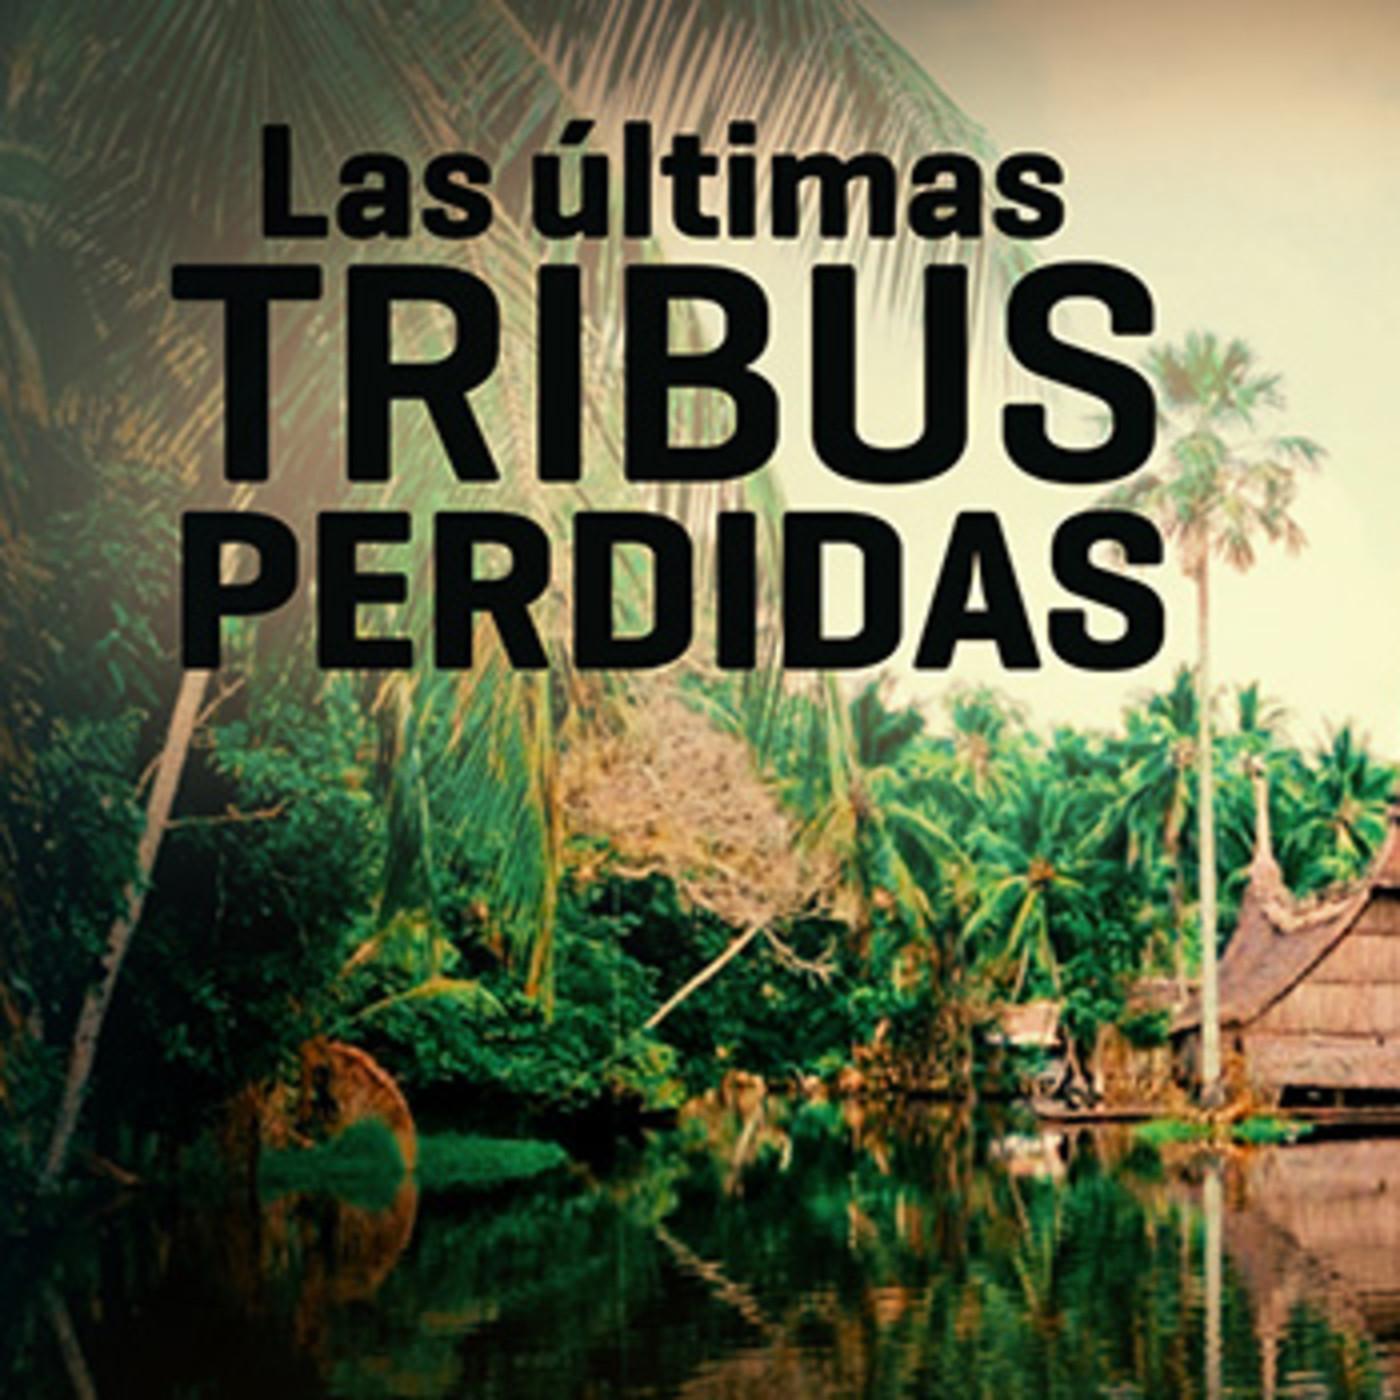 Cuarto milenio las ltimas tribus perdidas en cuarto for Cuarto milenio radio horario